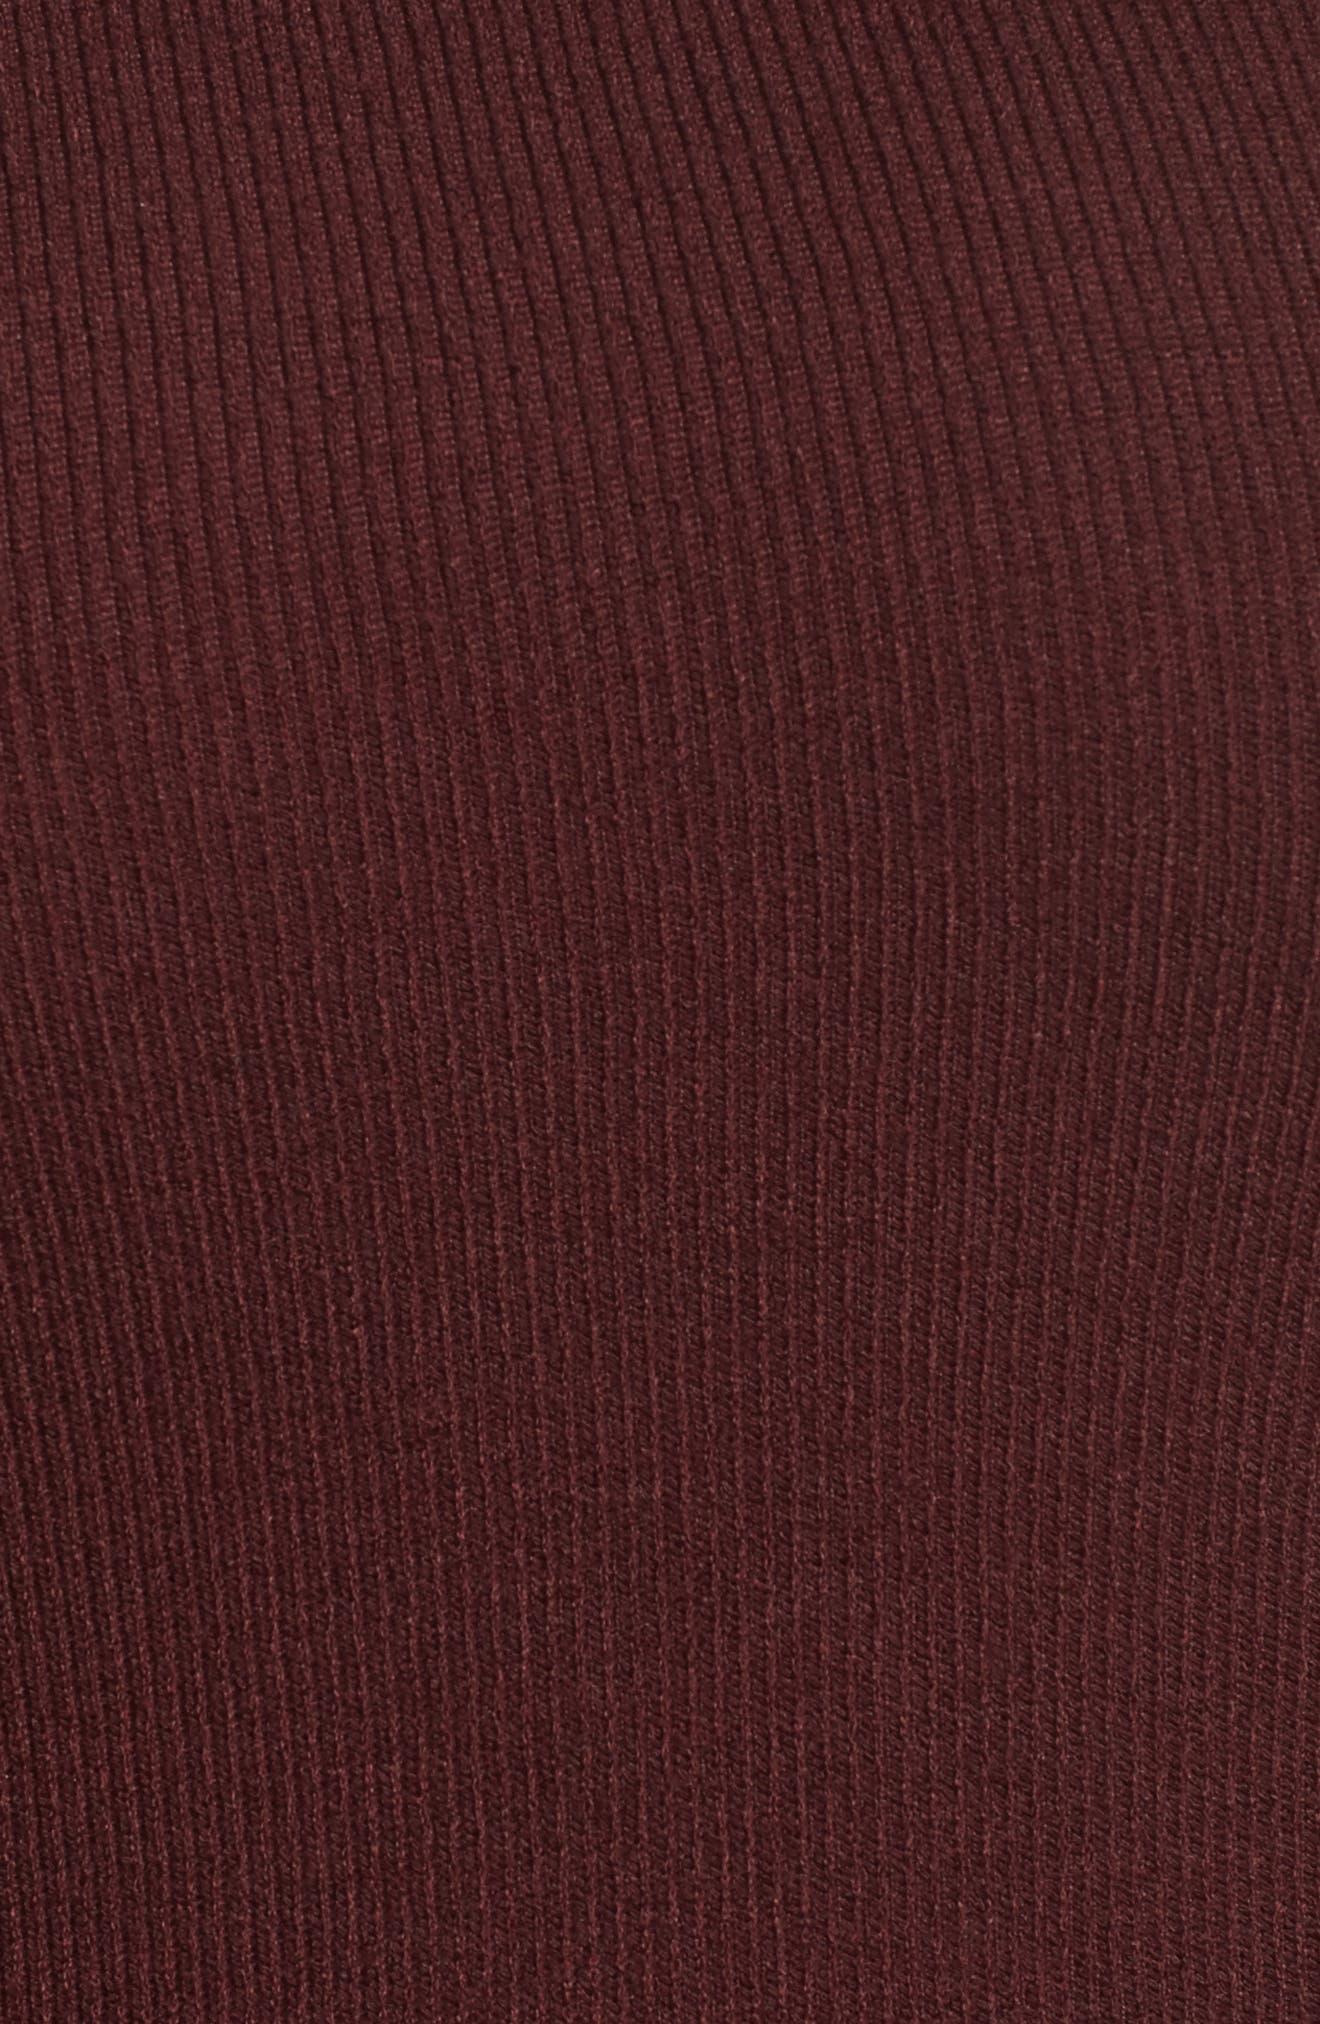 Shoulder Cutout Knit Dress,                             Alternate thumbnail 5, color,                             600